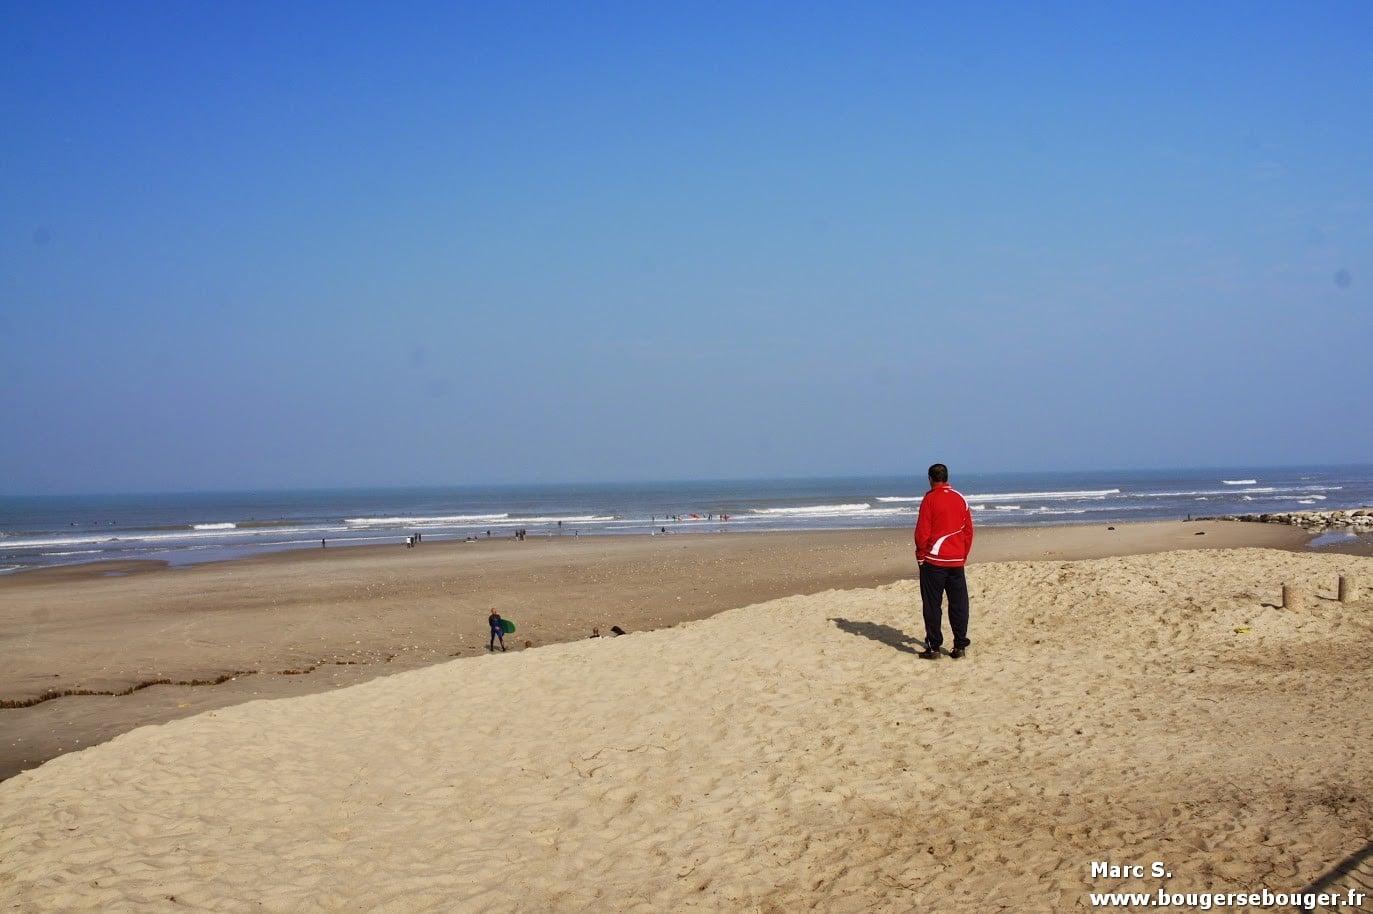 Lors d'une rando vélo entre Charentes, Saintonge et Médoc, vue de la plage de Soulac-su-Mer en avril 2014. On ne se rend pas compte que quelques semaines avant, une tempête a ravagé la dune et la jetée.